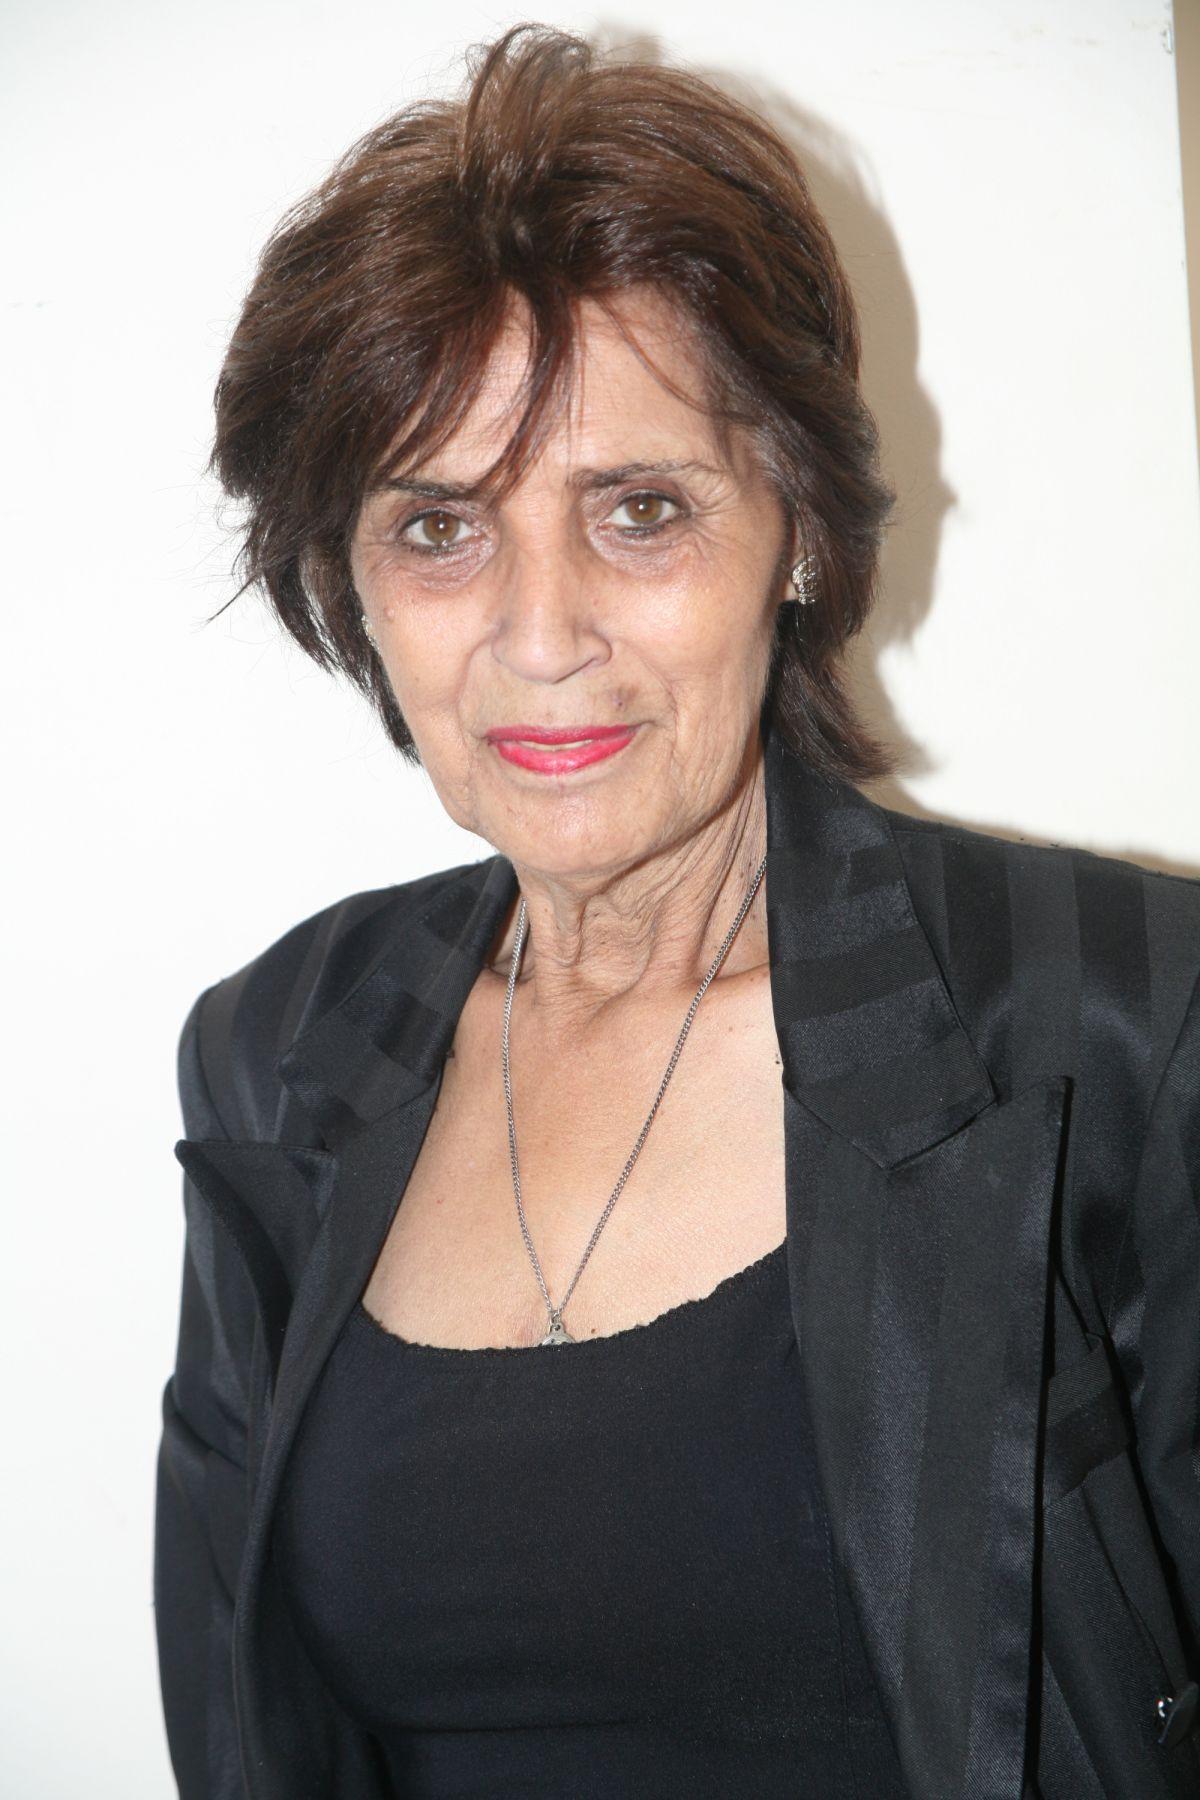 Que Devient Linda De Suza : devient, linda, Linda, Révèle, Avoir, Tenté, Suicider, Purepeople